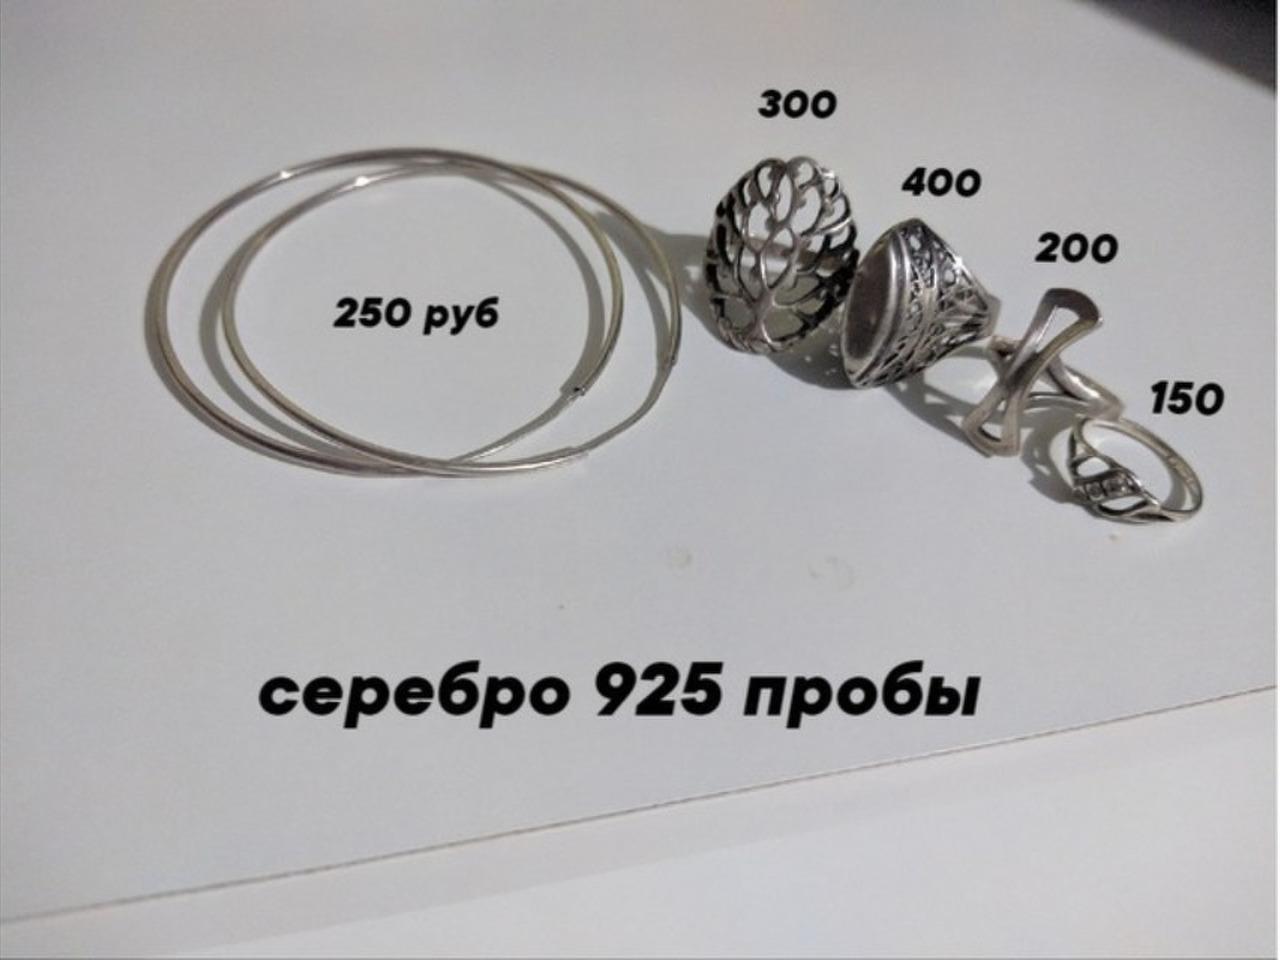 СОВЕТСКОЕ СЕРЕБРО 925 ПРОБЫ - 11/15